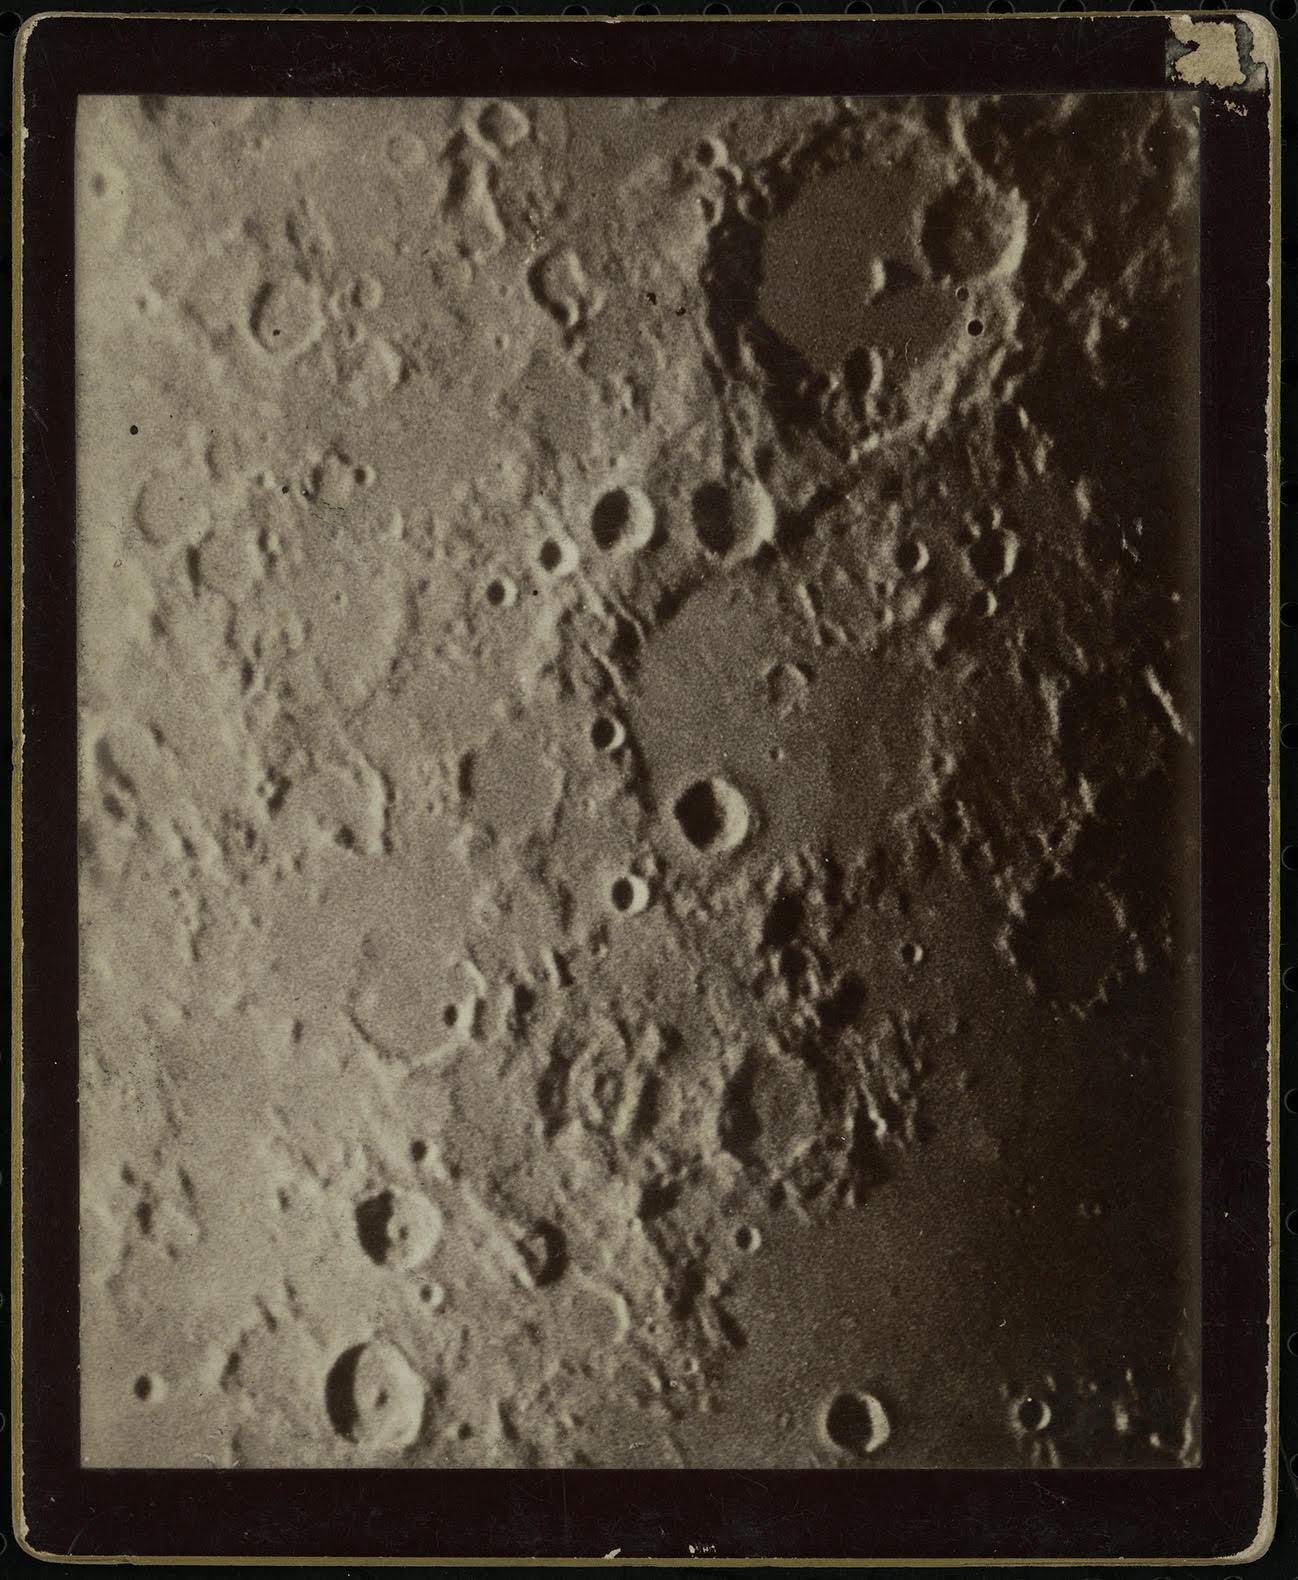 A Hold felszínének részlete, a Jupiter és a Szaturnusz A kaliforniai Mount Wilson obszervatóriumból. Gothard Jenő amerikai körútja alkalmából jutott ezekhez a képekhez, amelyek a XIX. század utolsó évtizedének világszinten is legnagyobb teljesítményű távcsövével készültek. /ELTE Gothard Asztrofizikai Obszervatórium jóvoltából/